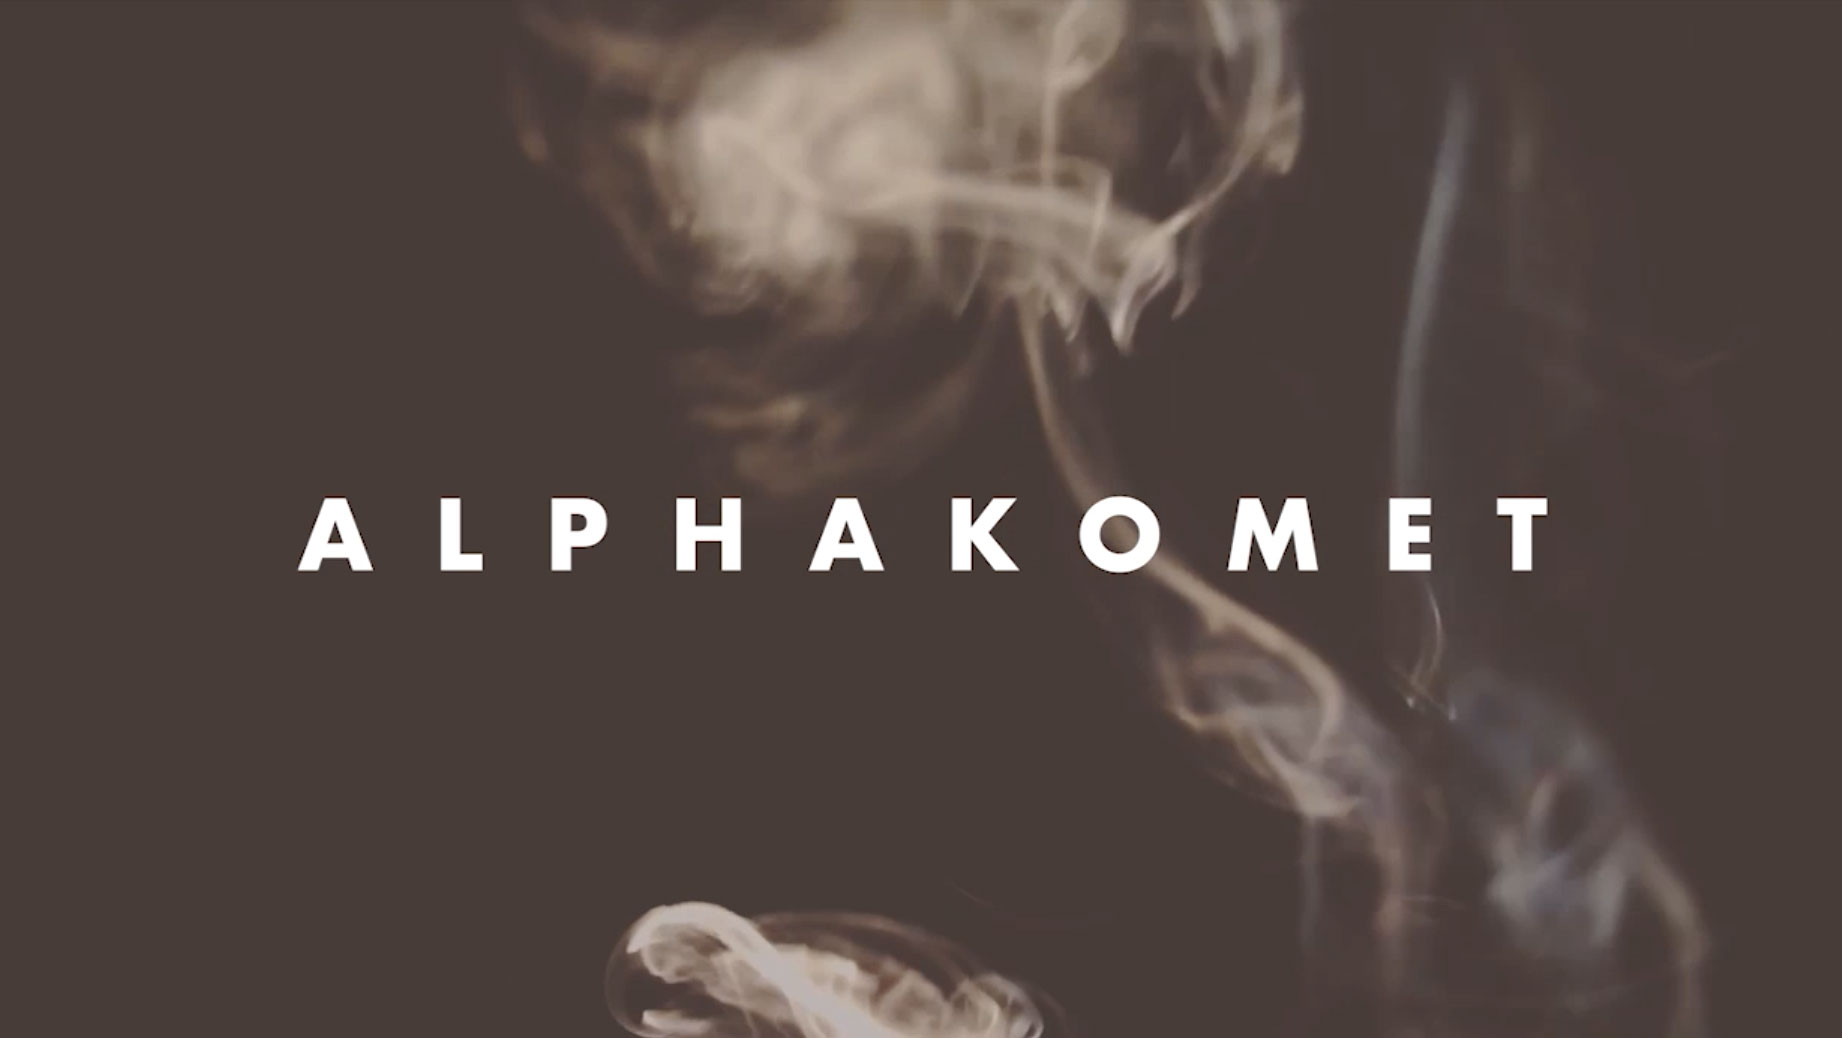 soheyl nassary ALPHAKOMET